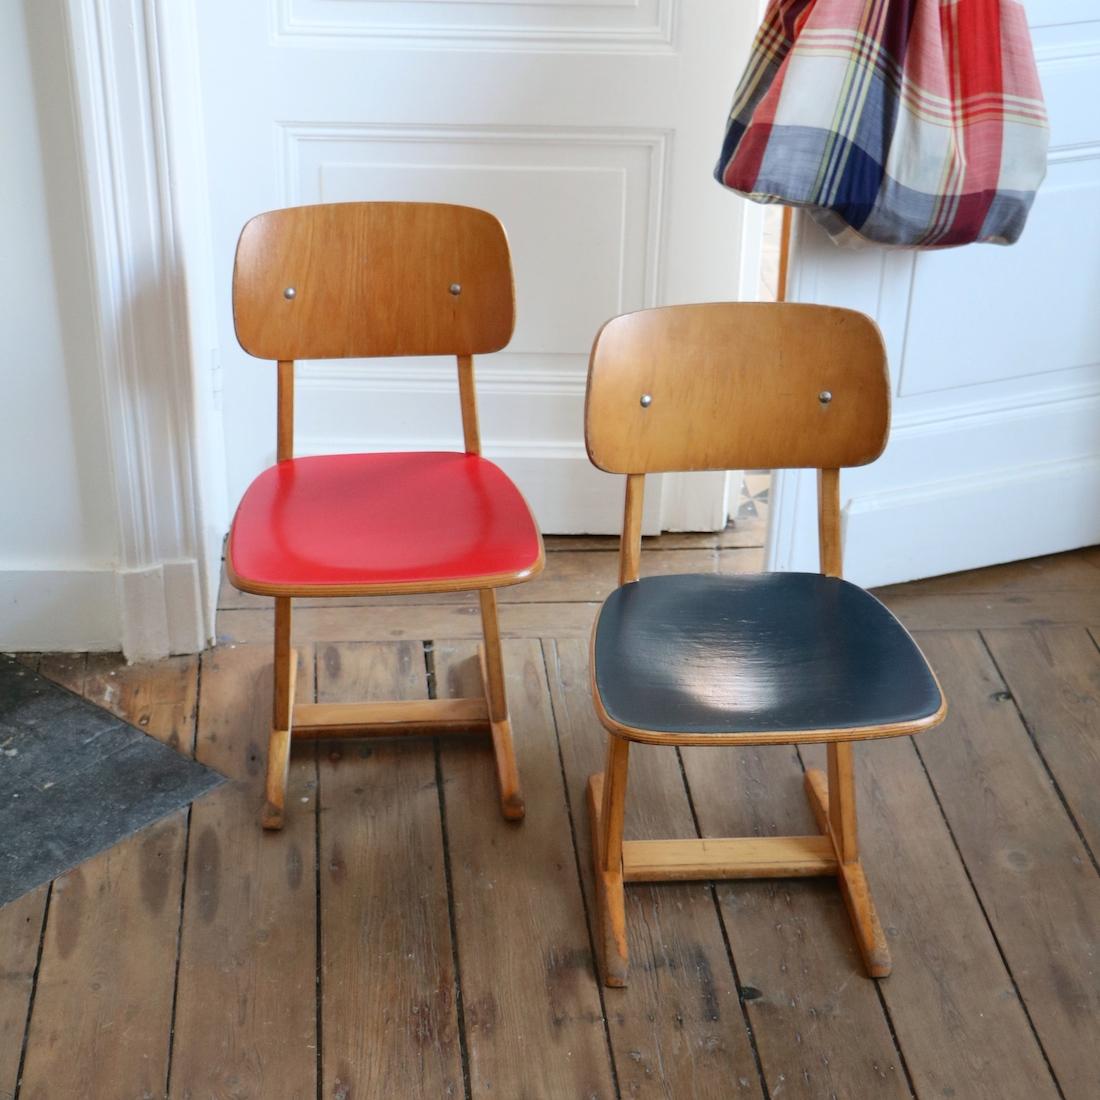 paire de chaises casala rouge et bleue la maison bruxelloise. Black Bedroom Furniture Sets. Home Design Ideas